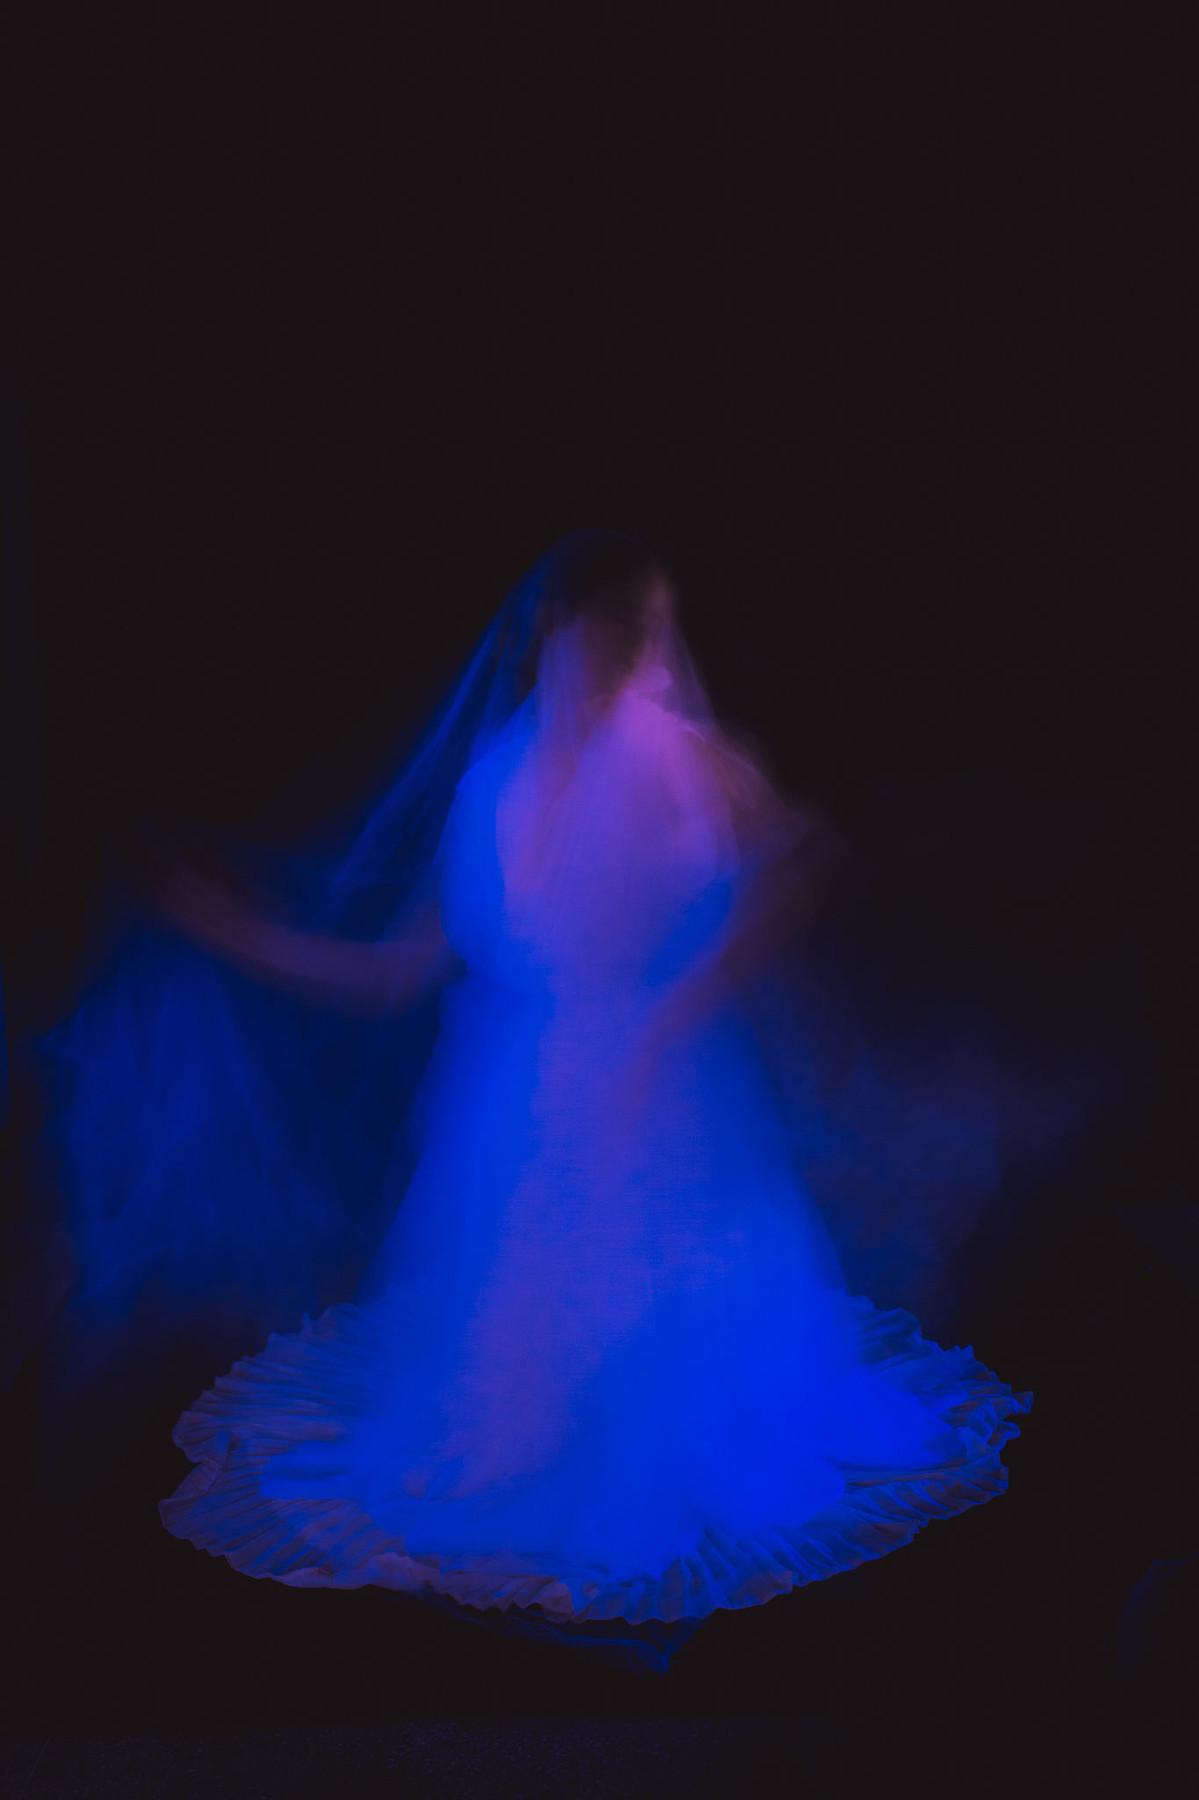 ensaio poético profundo inspirado nas medusas tropicais Turritopsis nutricula